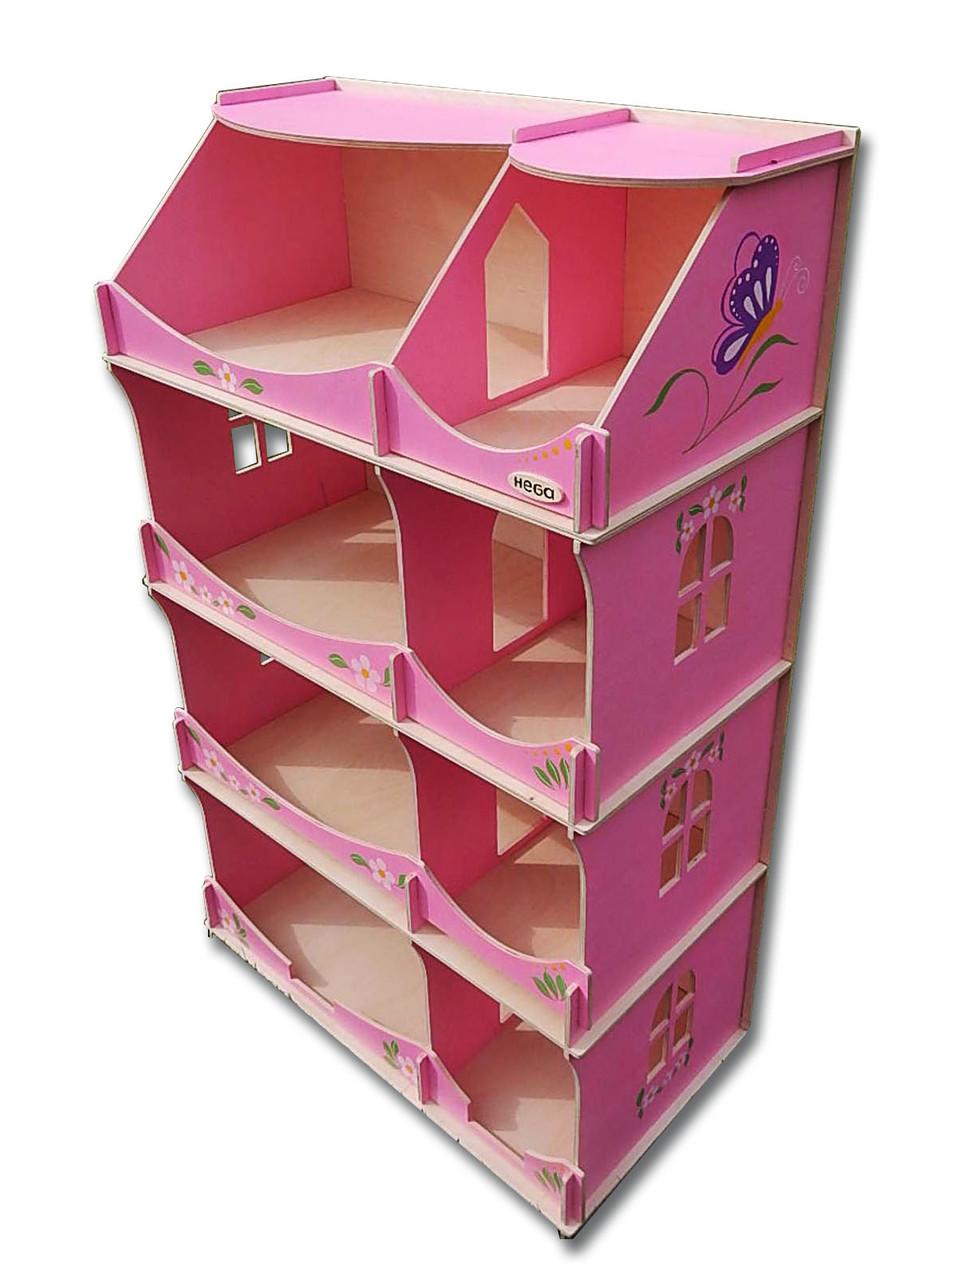 Кукольный домик-шкаф Hega с росписью розовый (090B)